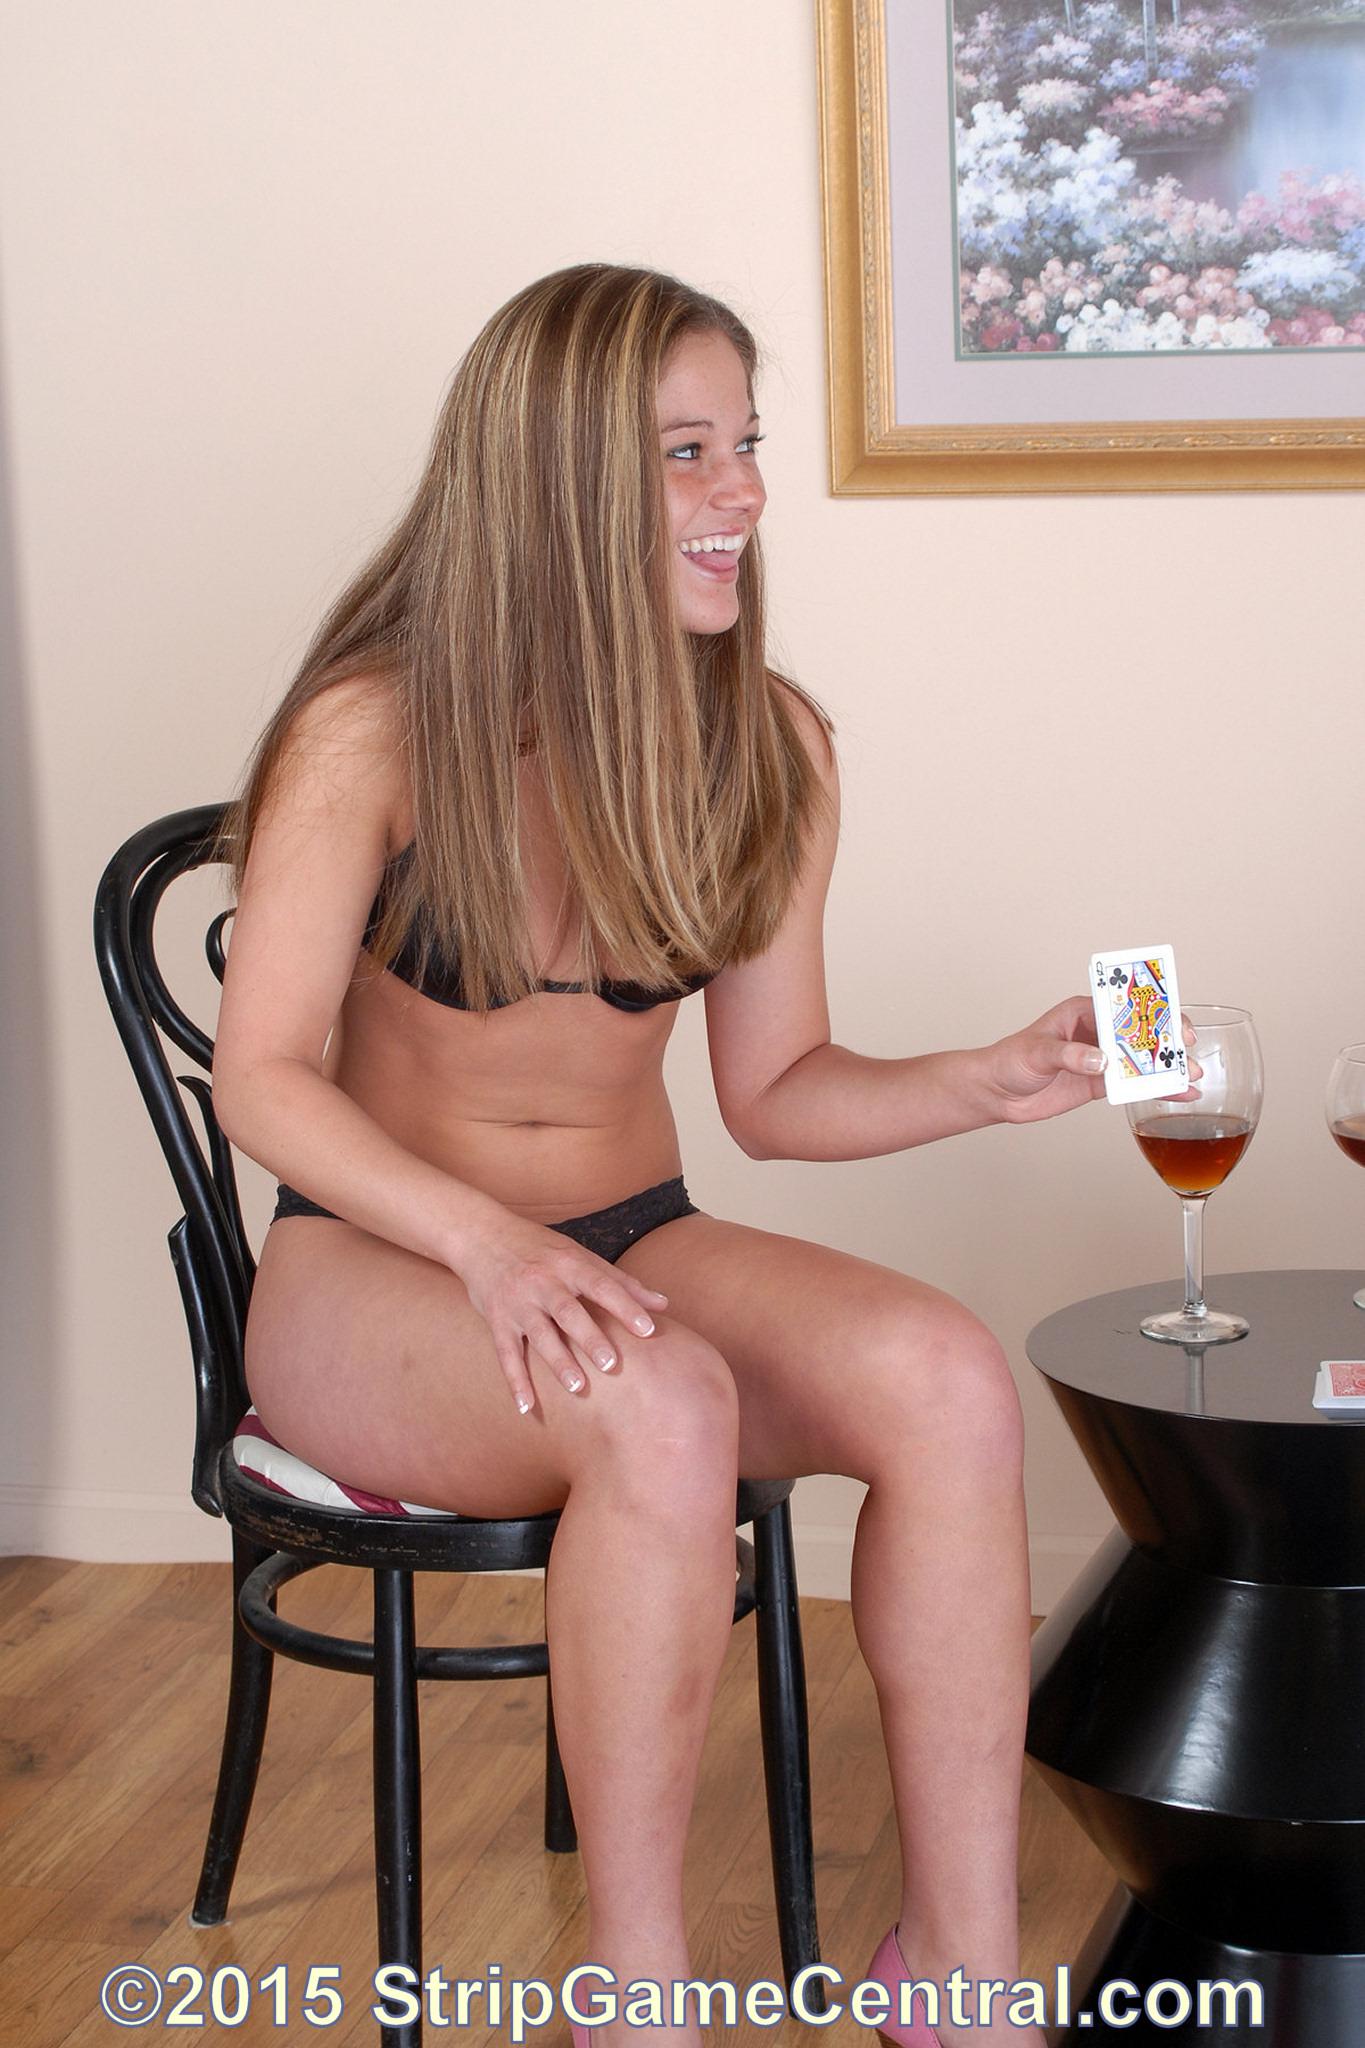 girls nude losing virgin